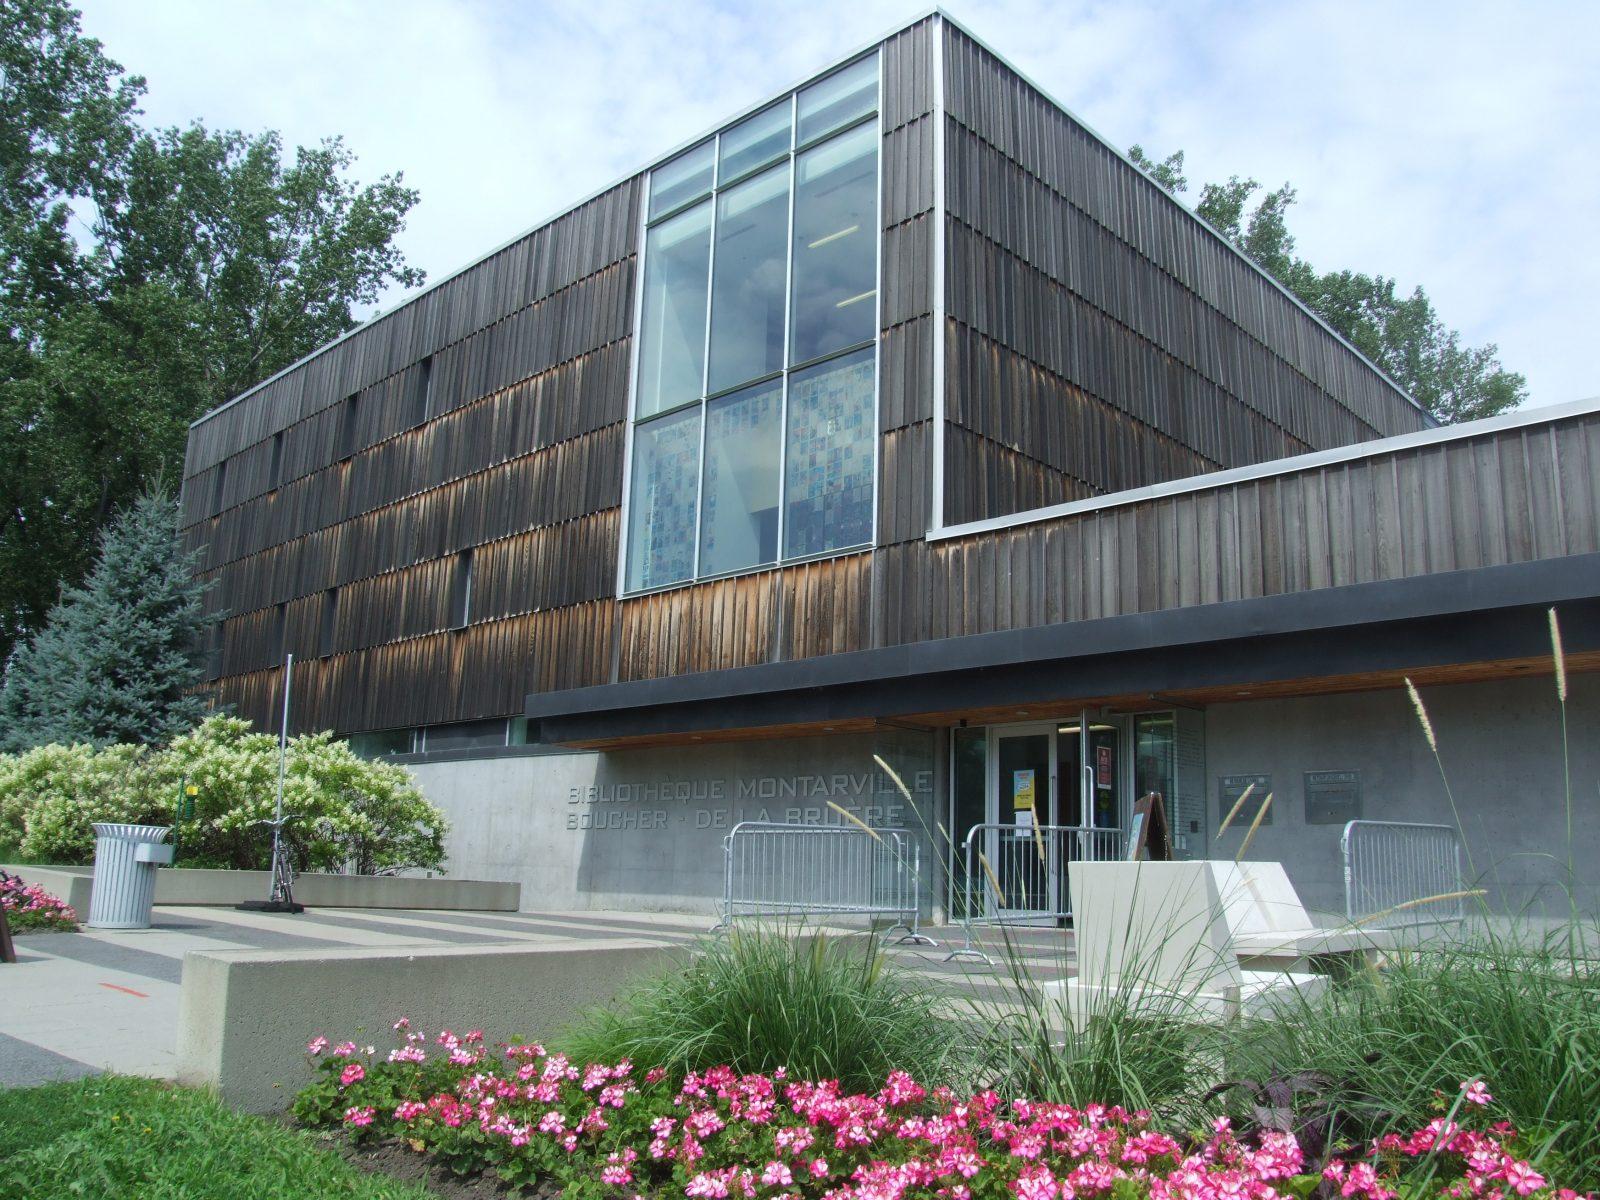 La bibliothèque municipale de Boucherville accueille 200 usagers par jour en moyenne